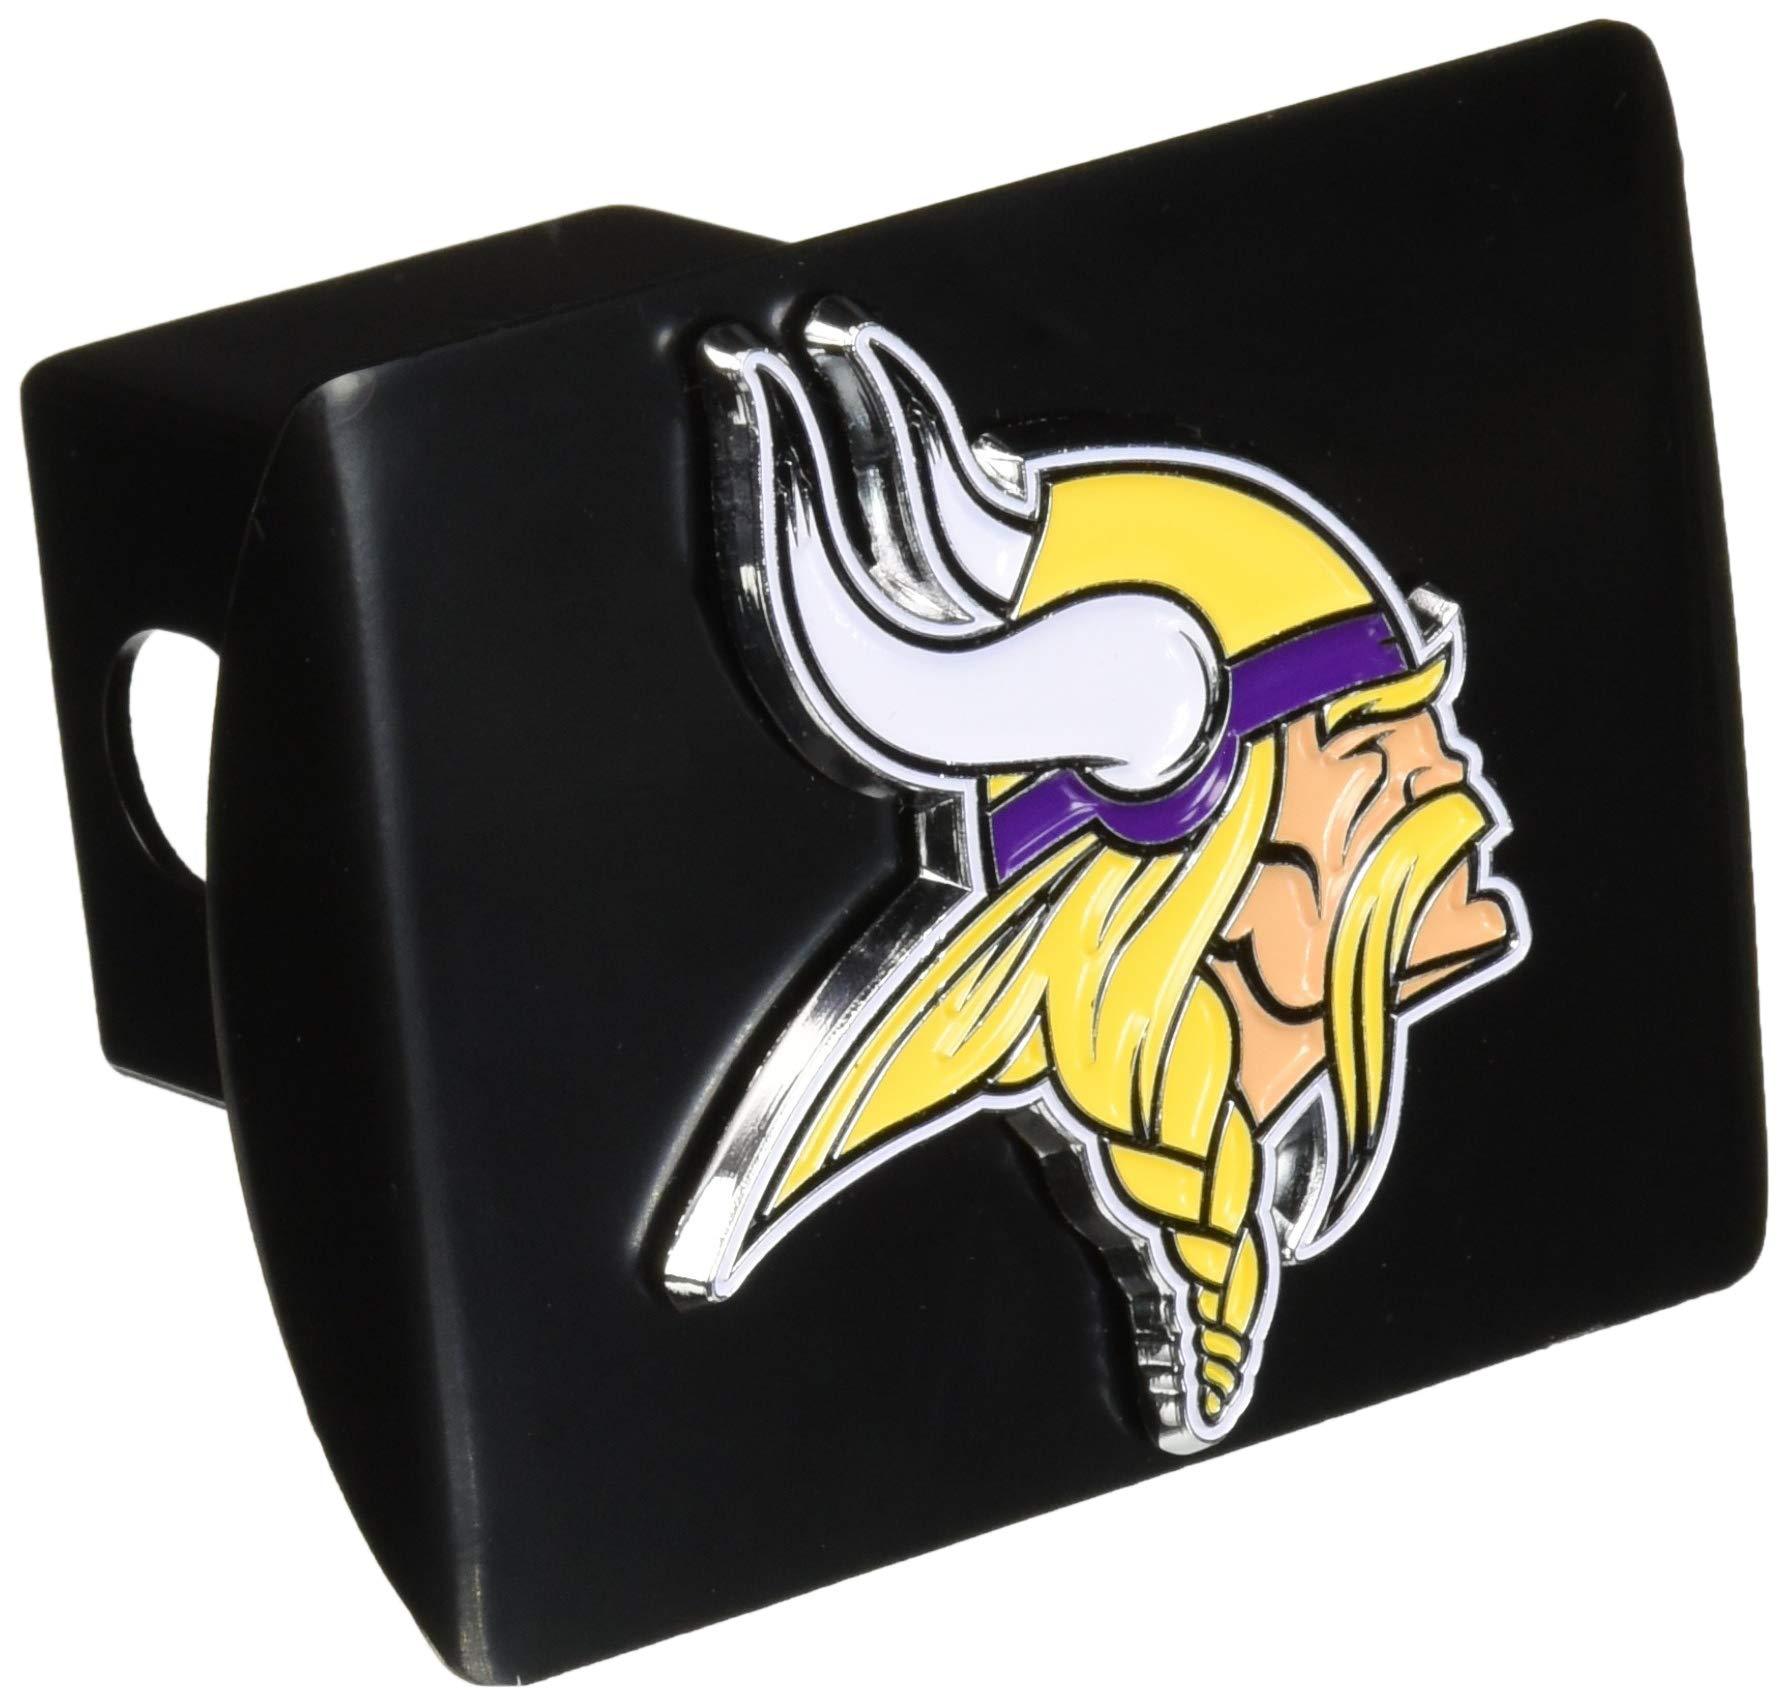 FANMATS 22583 Hitch Cover (Minnesota Vikings) by FANMATS